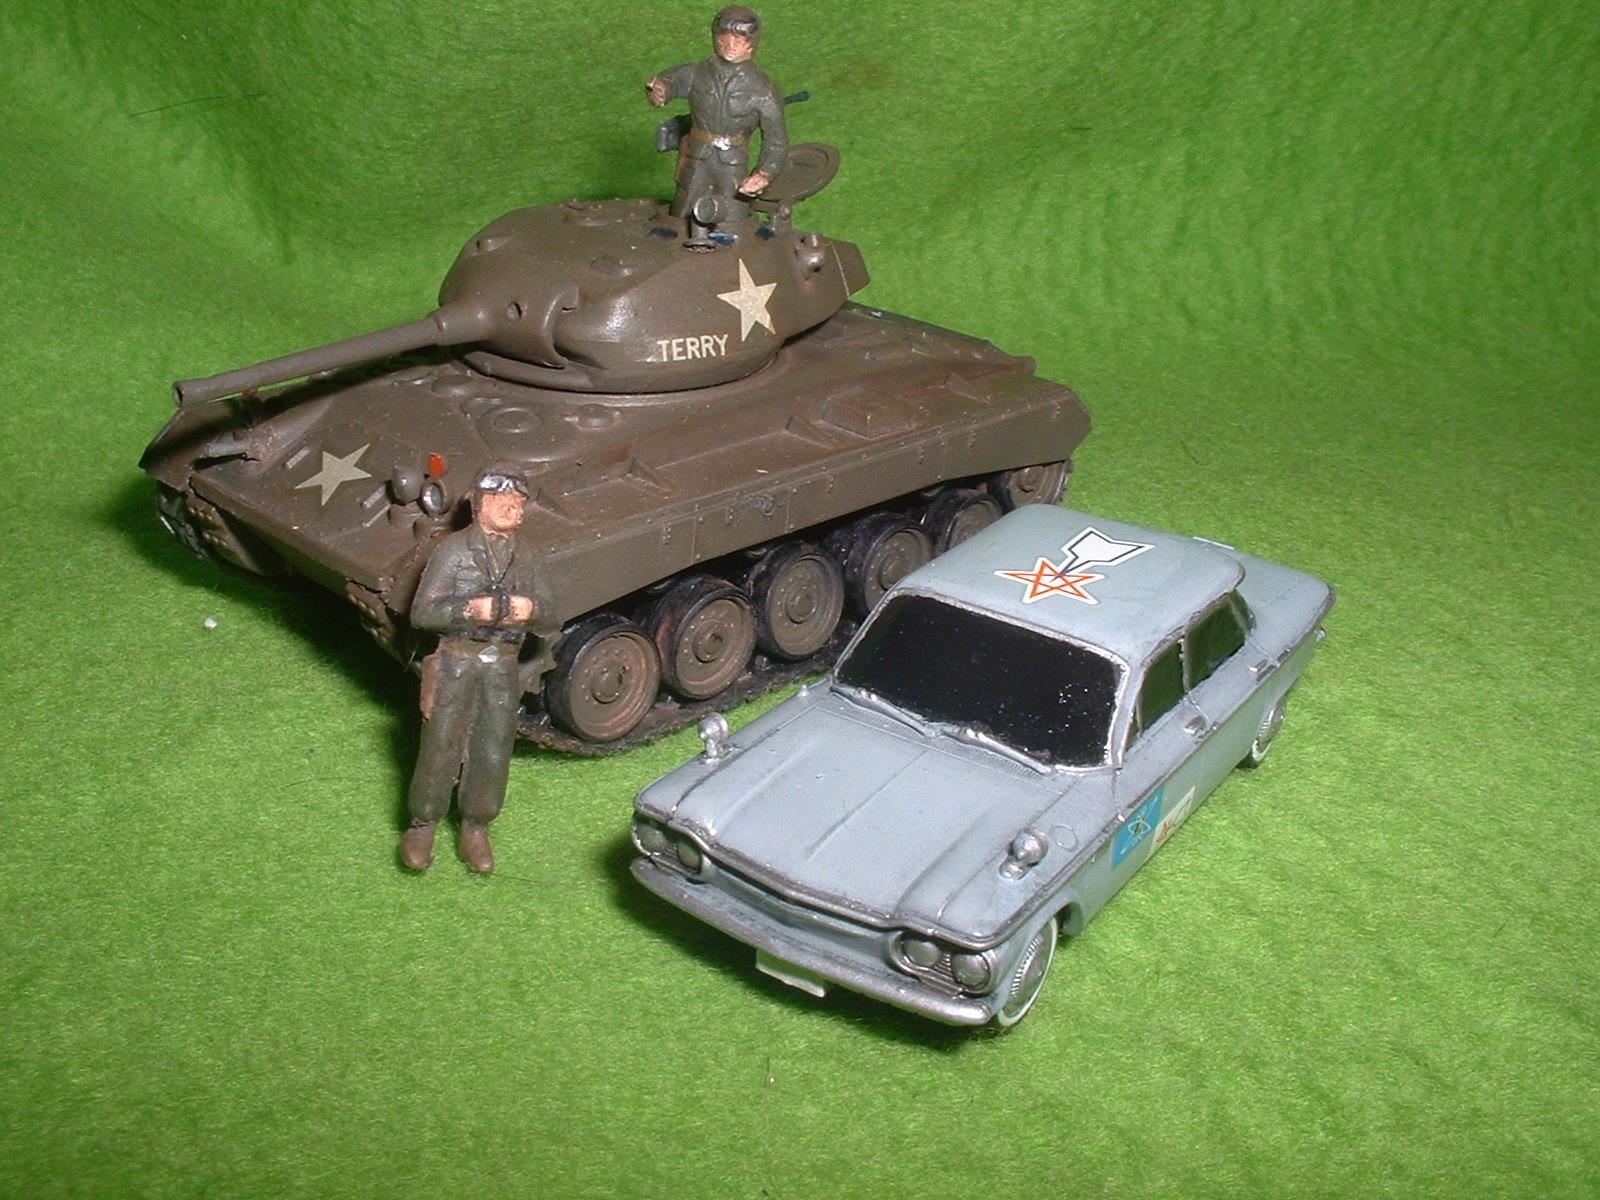 同スケールハセガワ「M24 チャーフィー」とバンダイ「科特捜隊専用車」比較.JPG